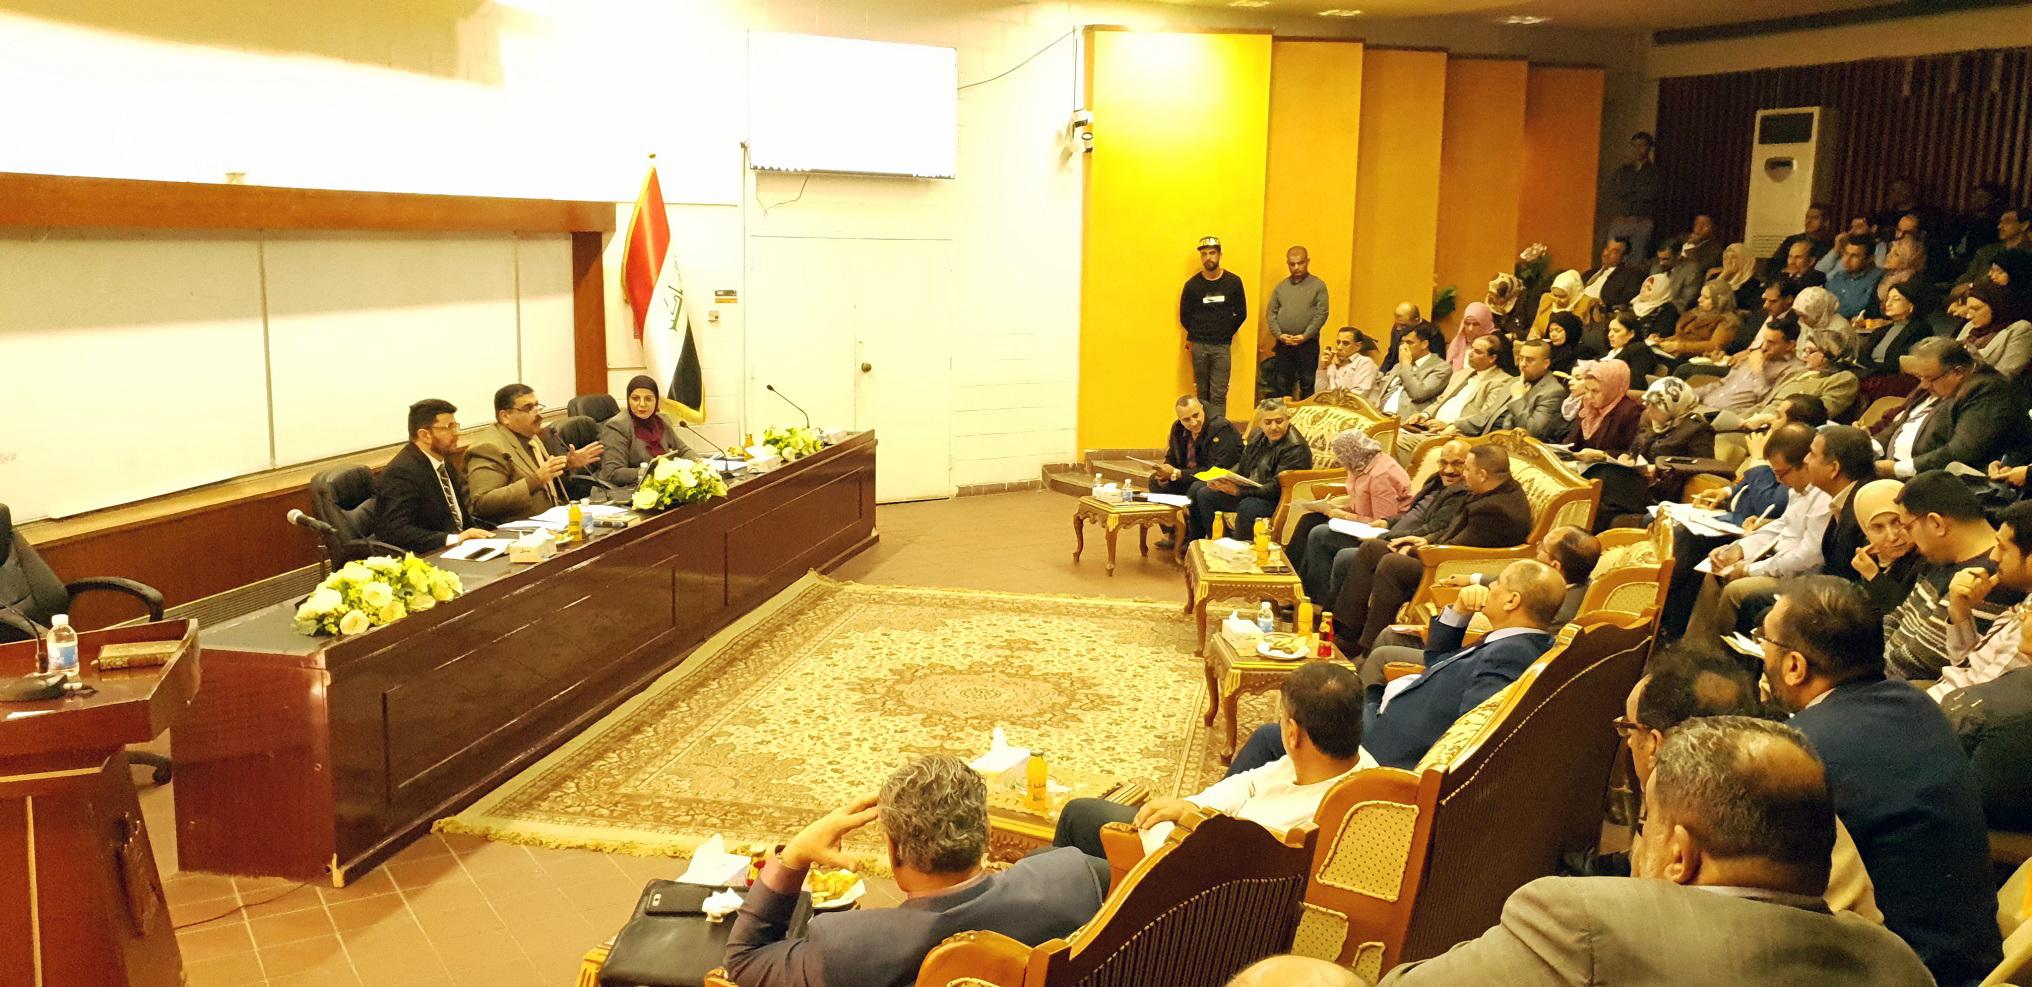 جامعة بغداد تقيم ورشة عمل عن نظام المقررات الدراسية